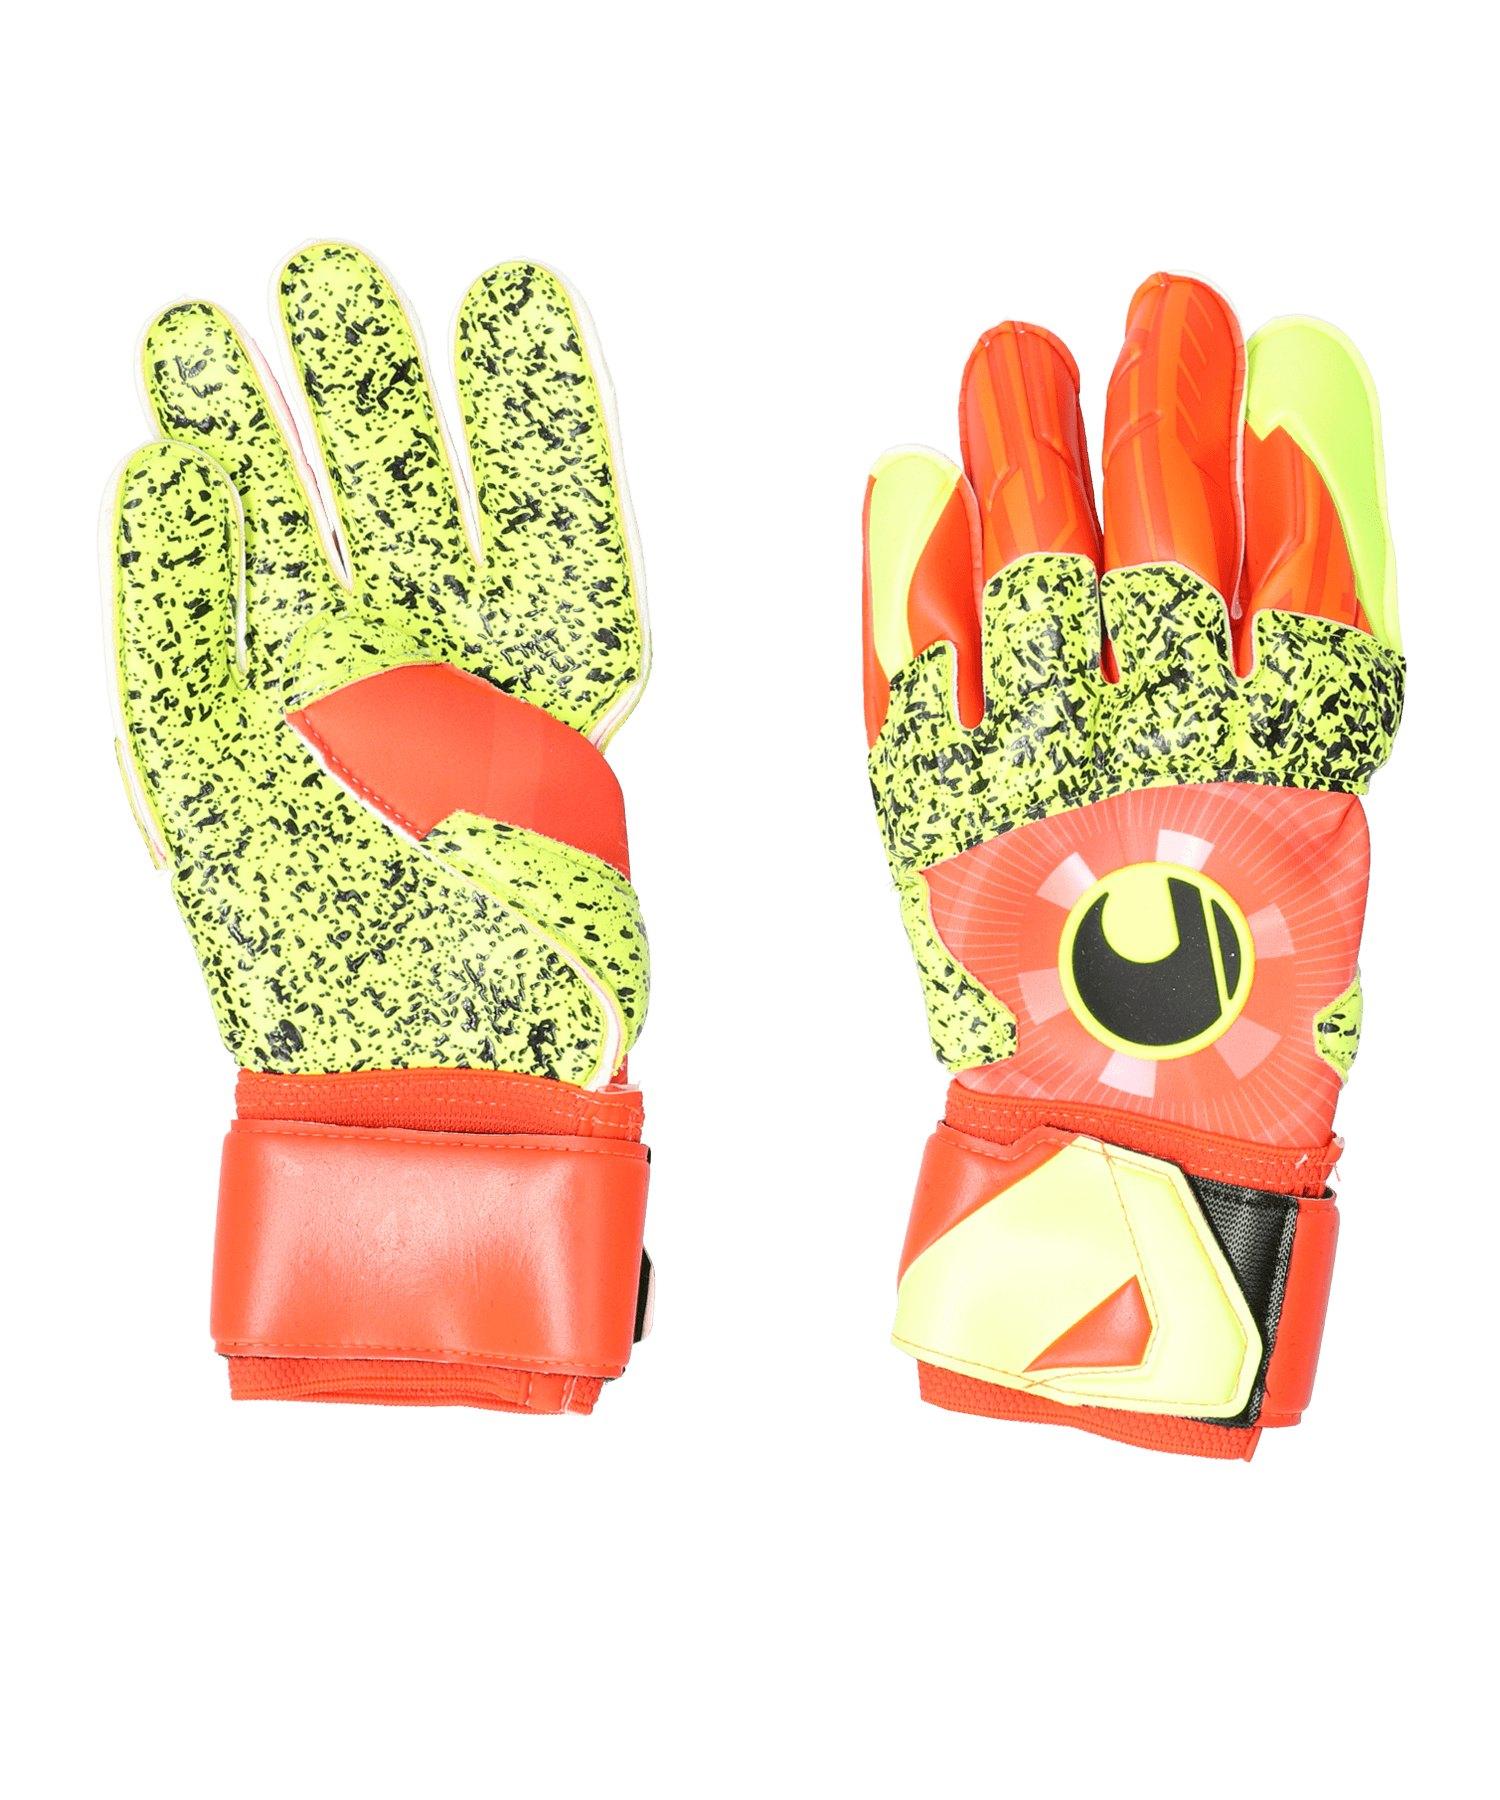 Uhlsport D.Impulse Supergrip 360 TW-Handschuh F282 - orange